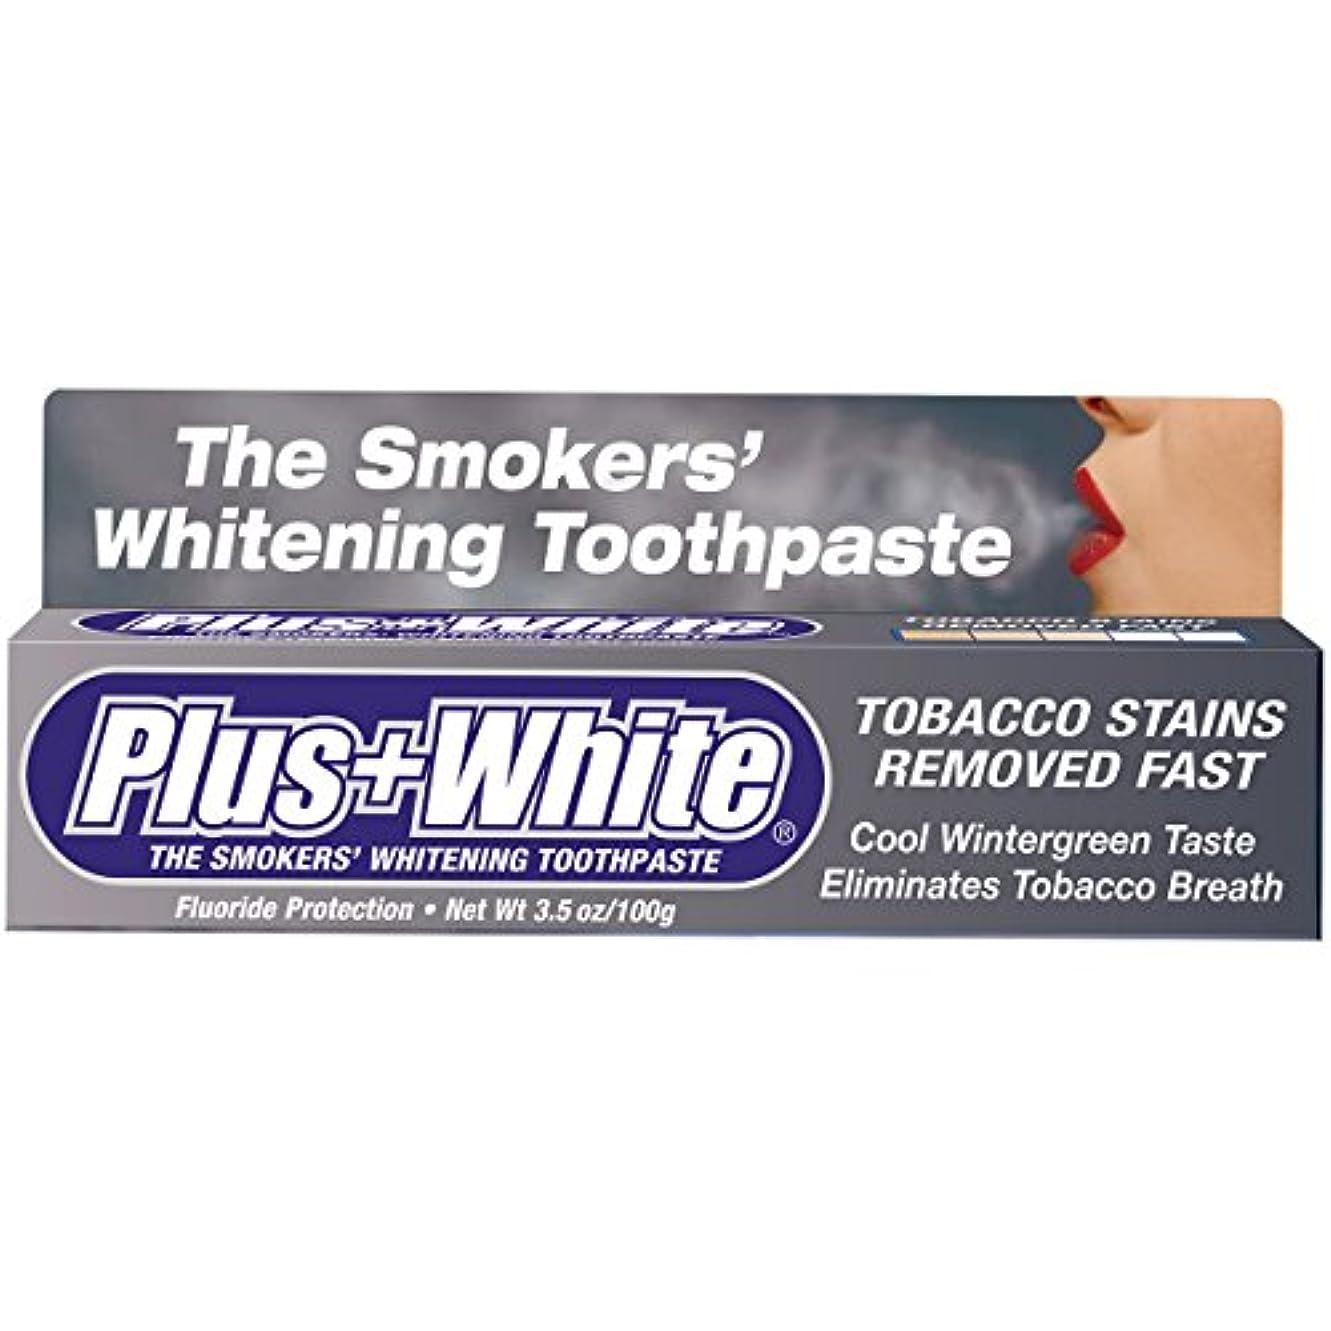 謎めいたショルダー無心Plus White, The Smokers' Whitening Toothpaste, Cooling Peppermint Flavor, 3.5 oz (100 g)